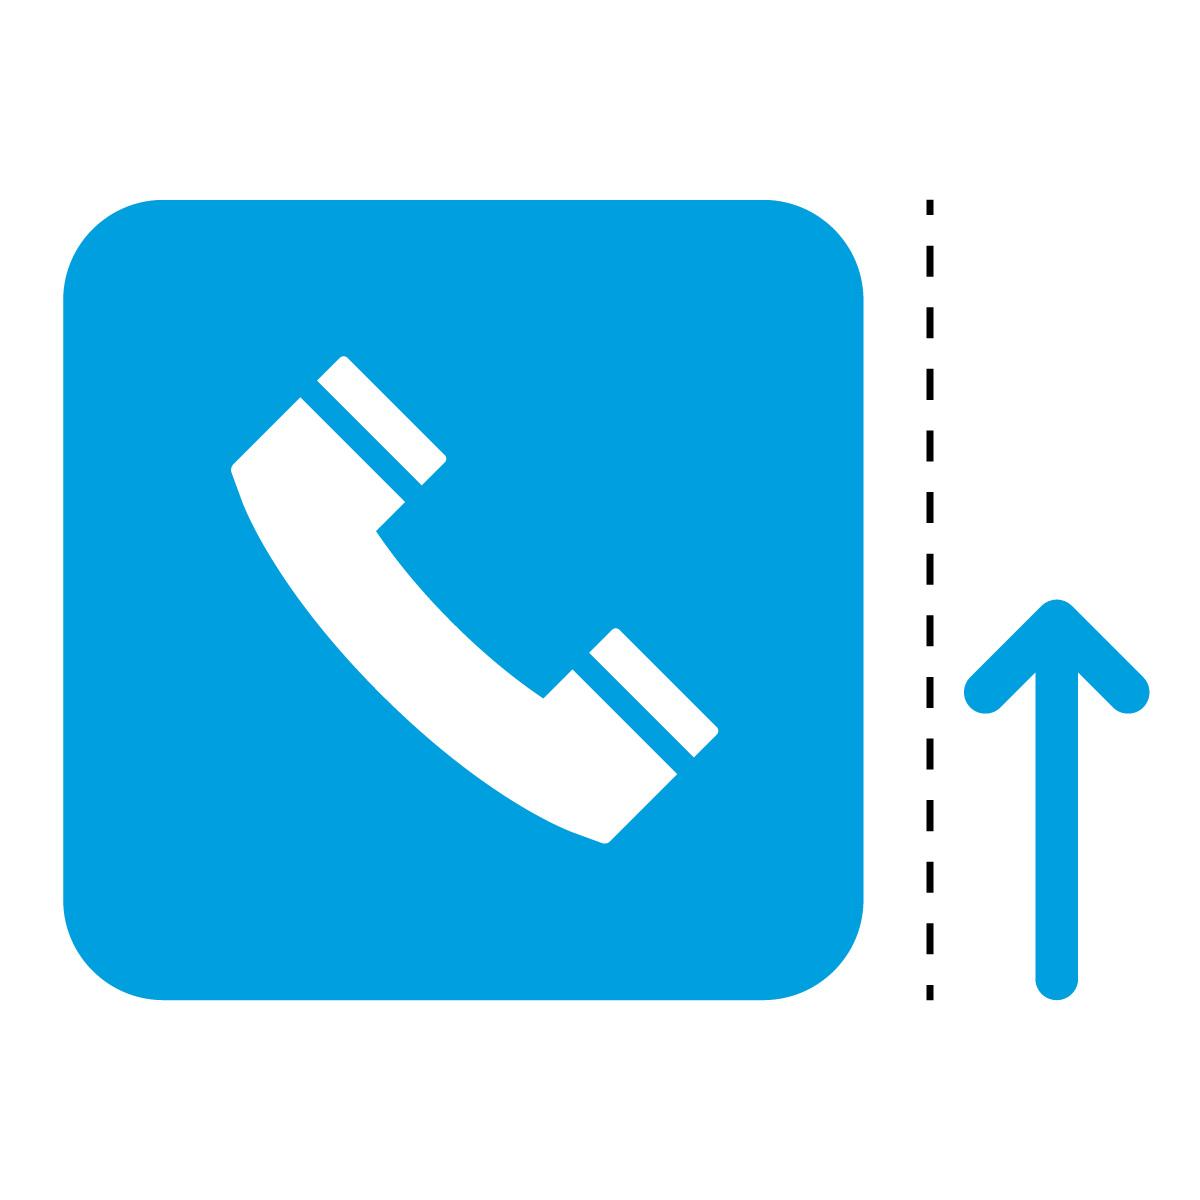 青色の公衆電話案内マーク(矢印付き)のカッティングステッカー・シール